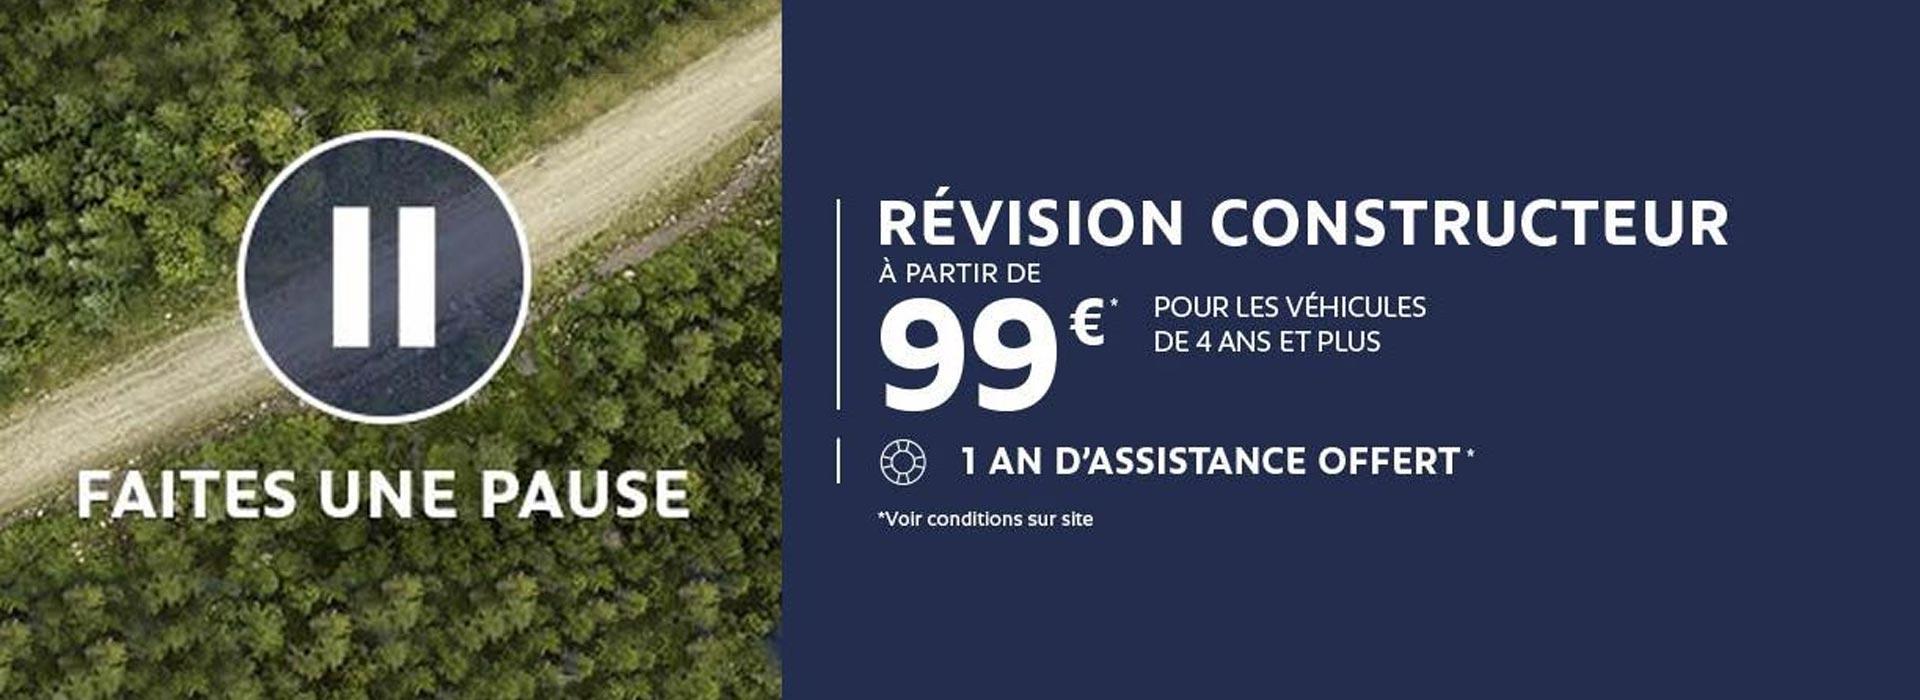 Peugeot Clermont Ferrand Concessionnaire Garage Puy De